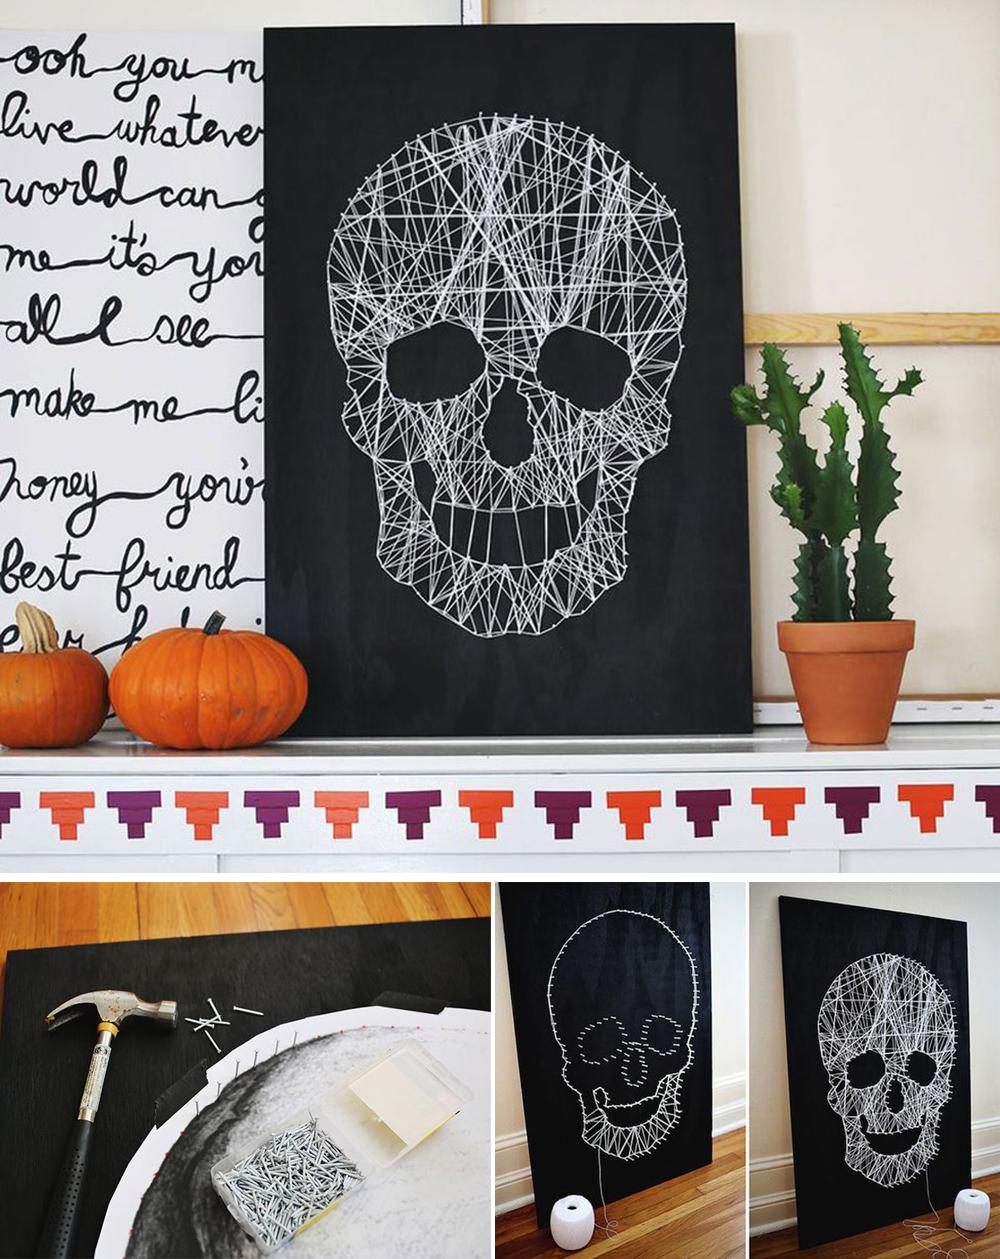 diy para decorar en halloween con cuadro escalofriante de calavera con hilo y clavos fácil y económico